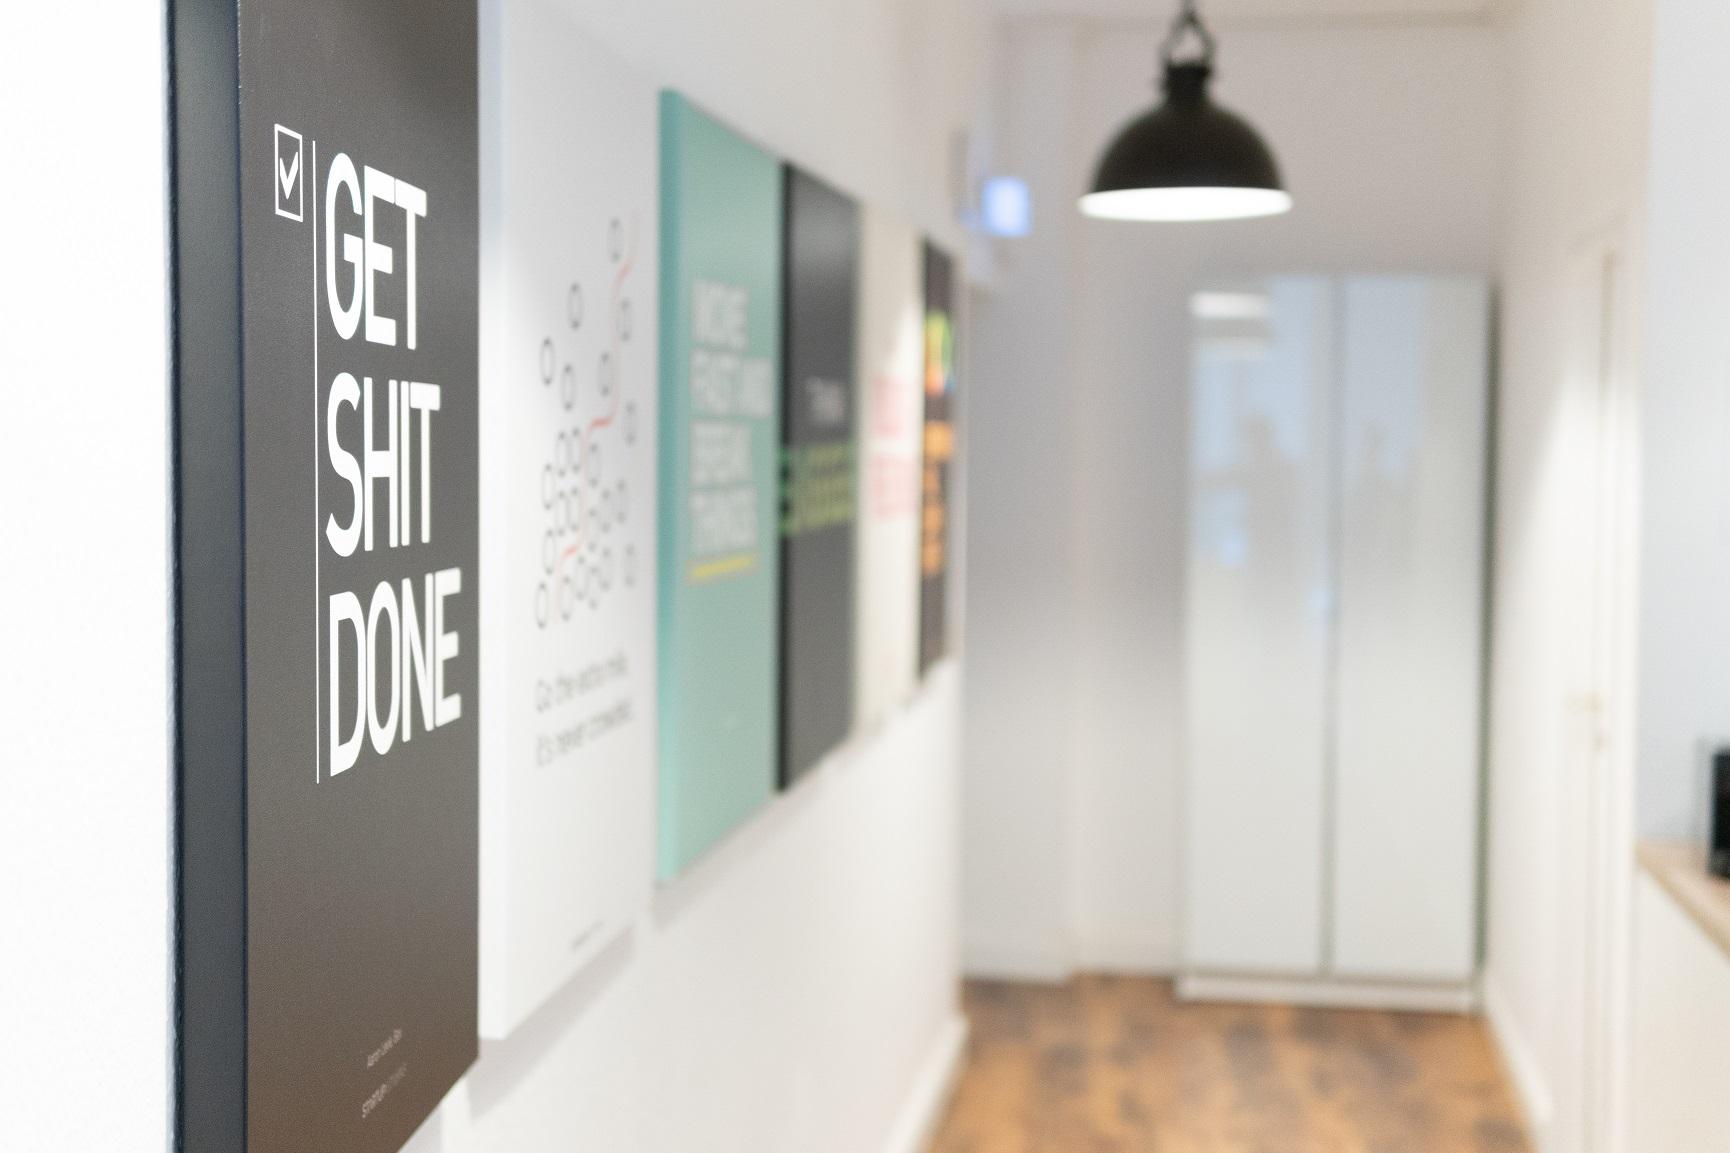 """Mehrere Bilder, die aufgereiht an der Wand hängen. Auf dem ersten Bild steht der Schriftzug """"GET SHIT DONE""""."""